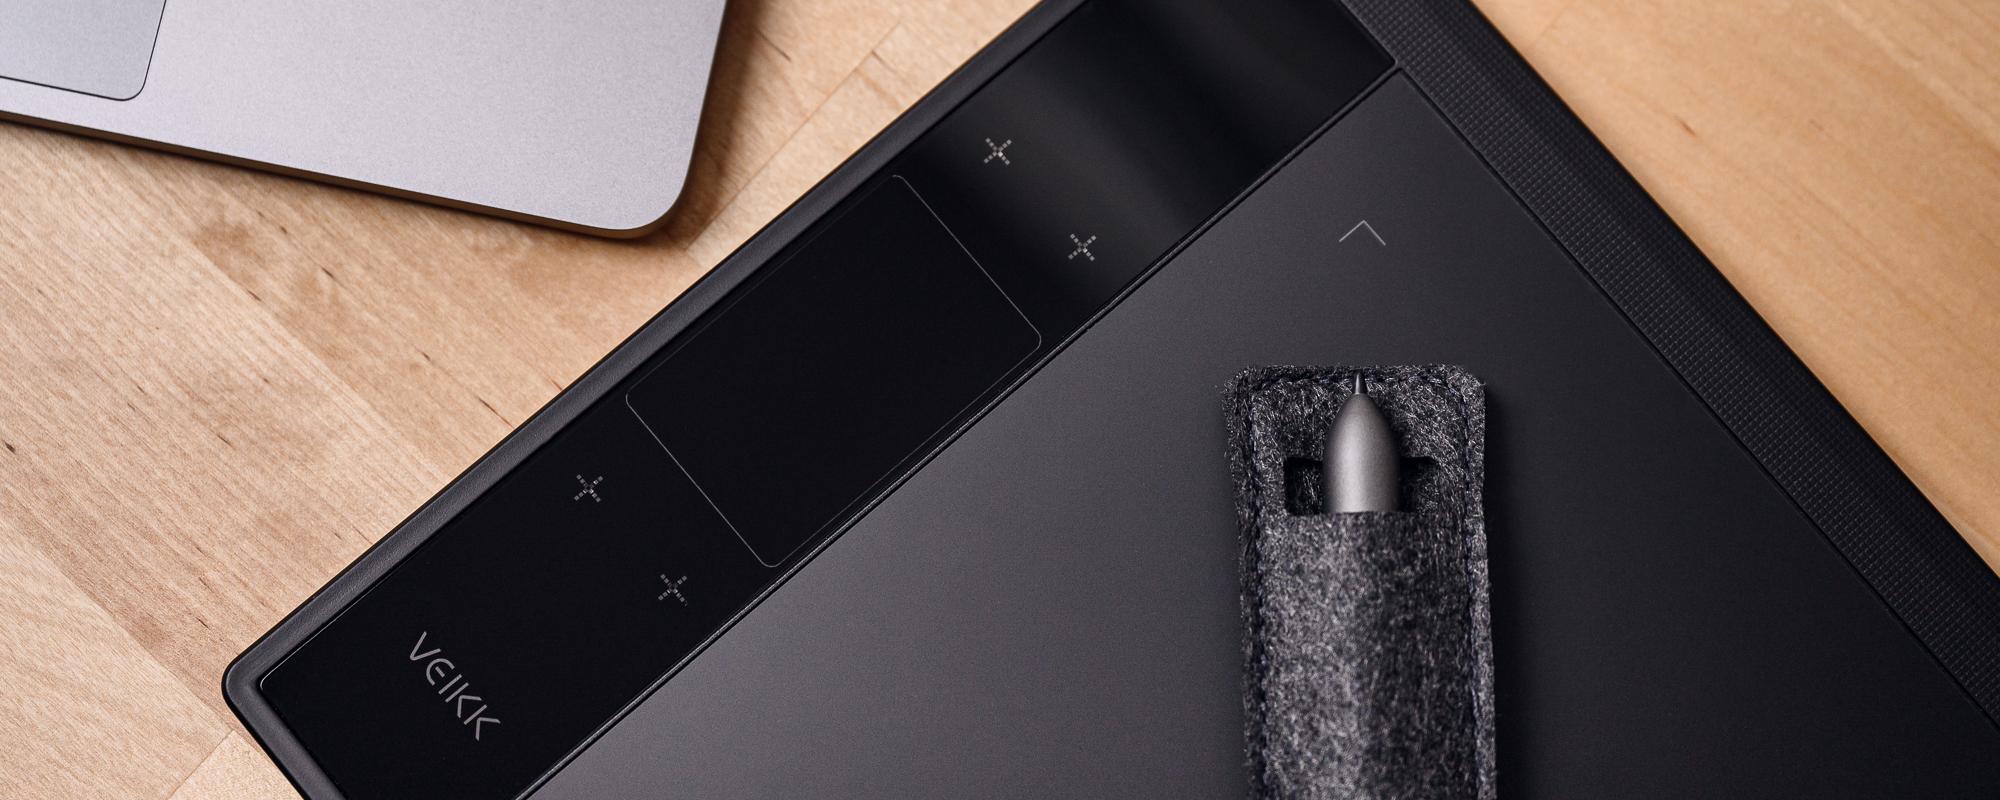 Zdjęcie - tablet graficzny Veikk A30 na jasnobrązowym biurku, a na nim piórko schowane w materiałowy pokrowiec